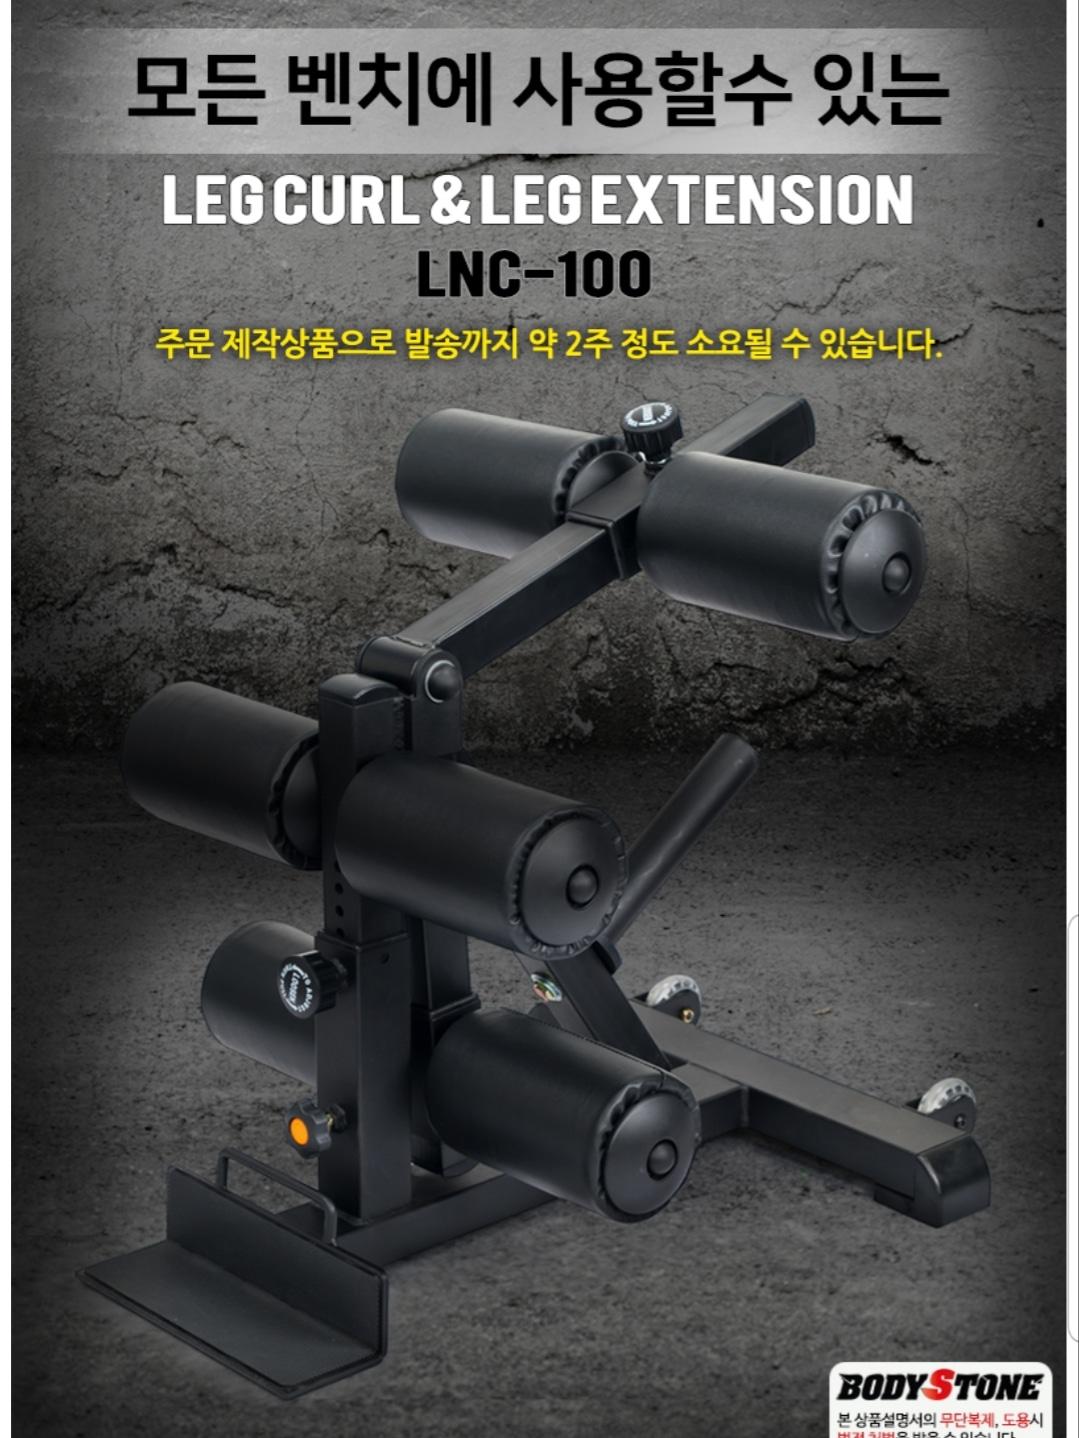 바디스톤 lnc-100 하체운동(새제품)레그컬익스텐션 운동기구팔아요